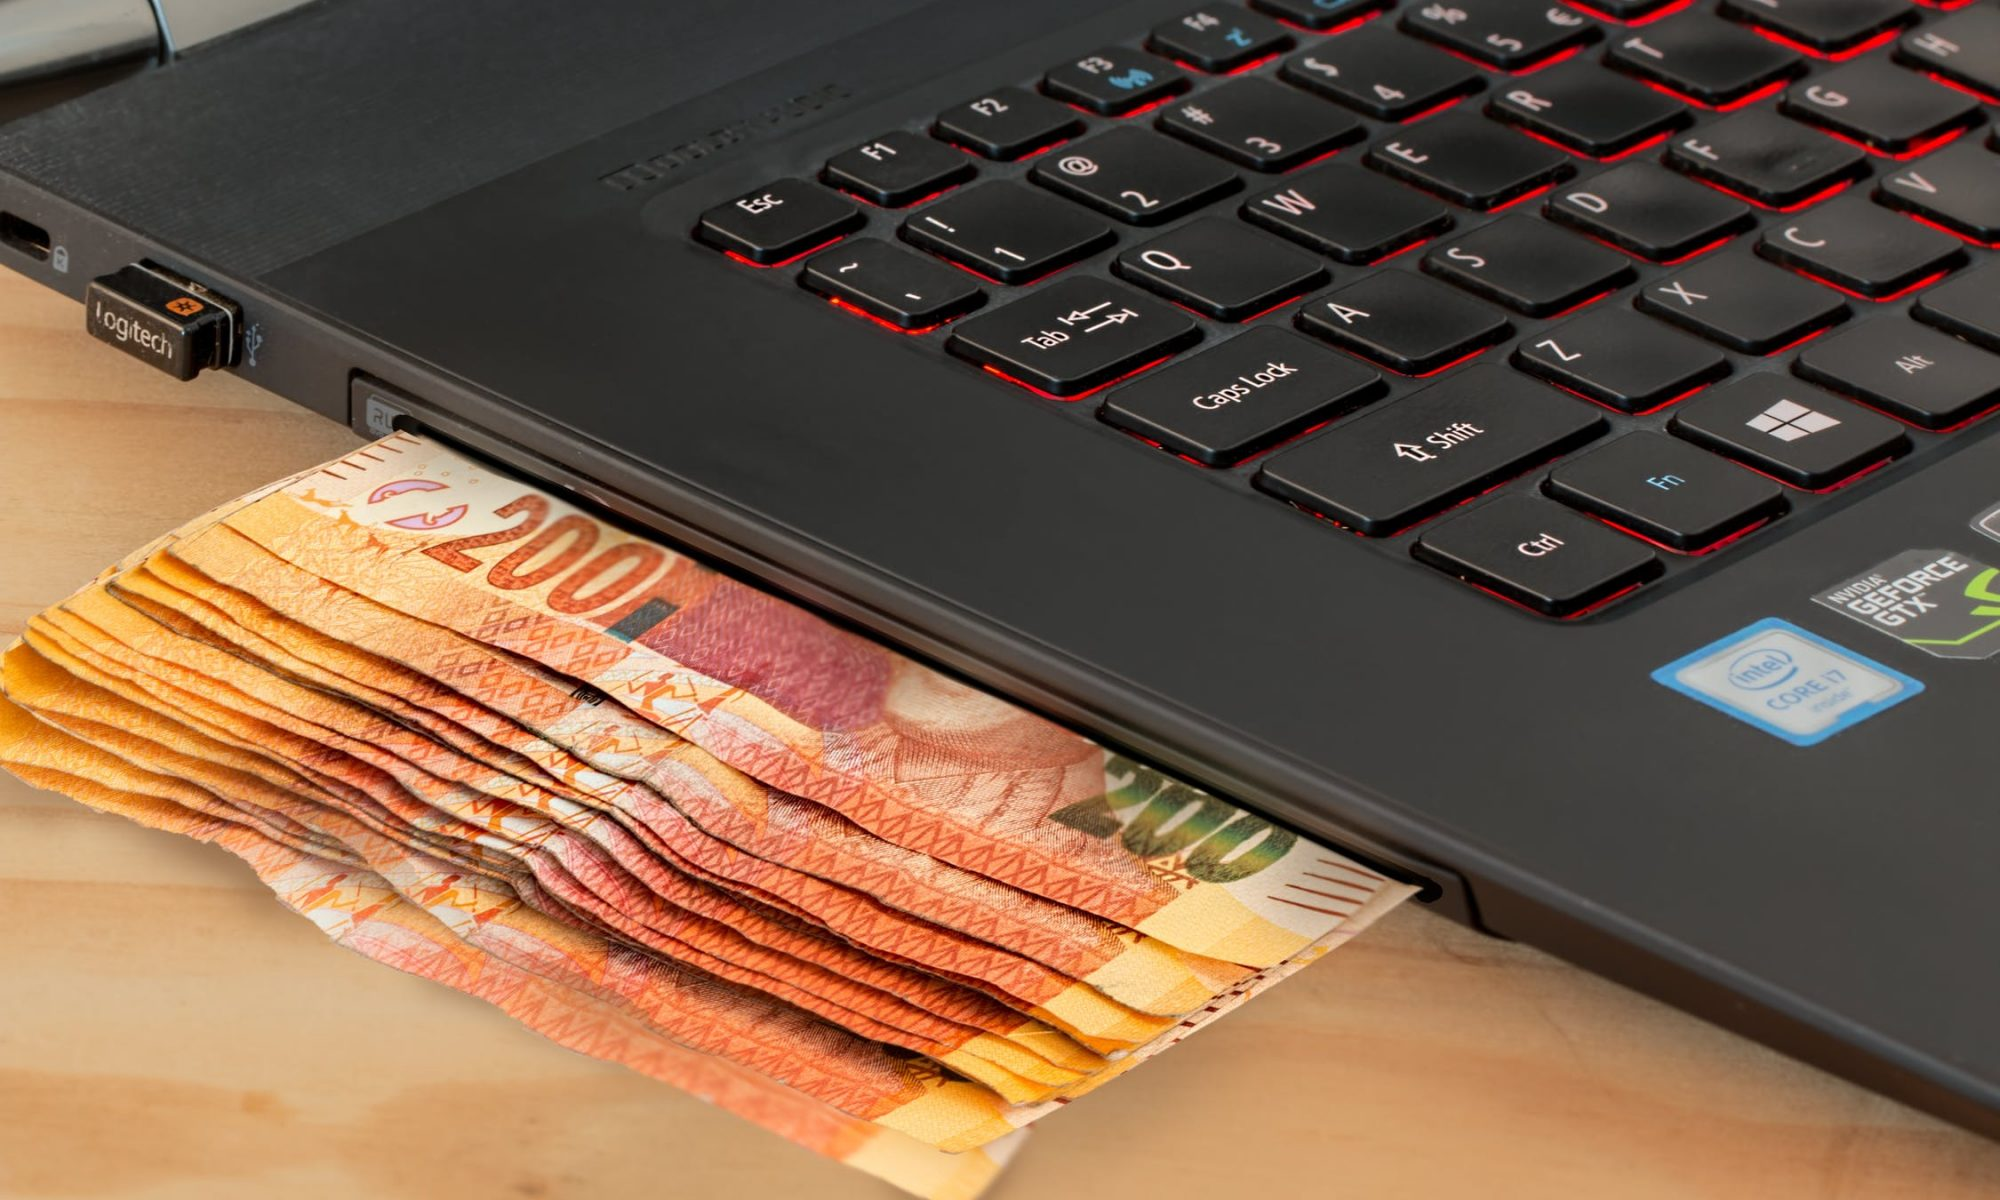 online gokken legaal in nederland 2020 gokverslaving